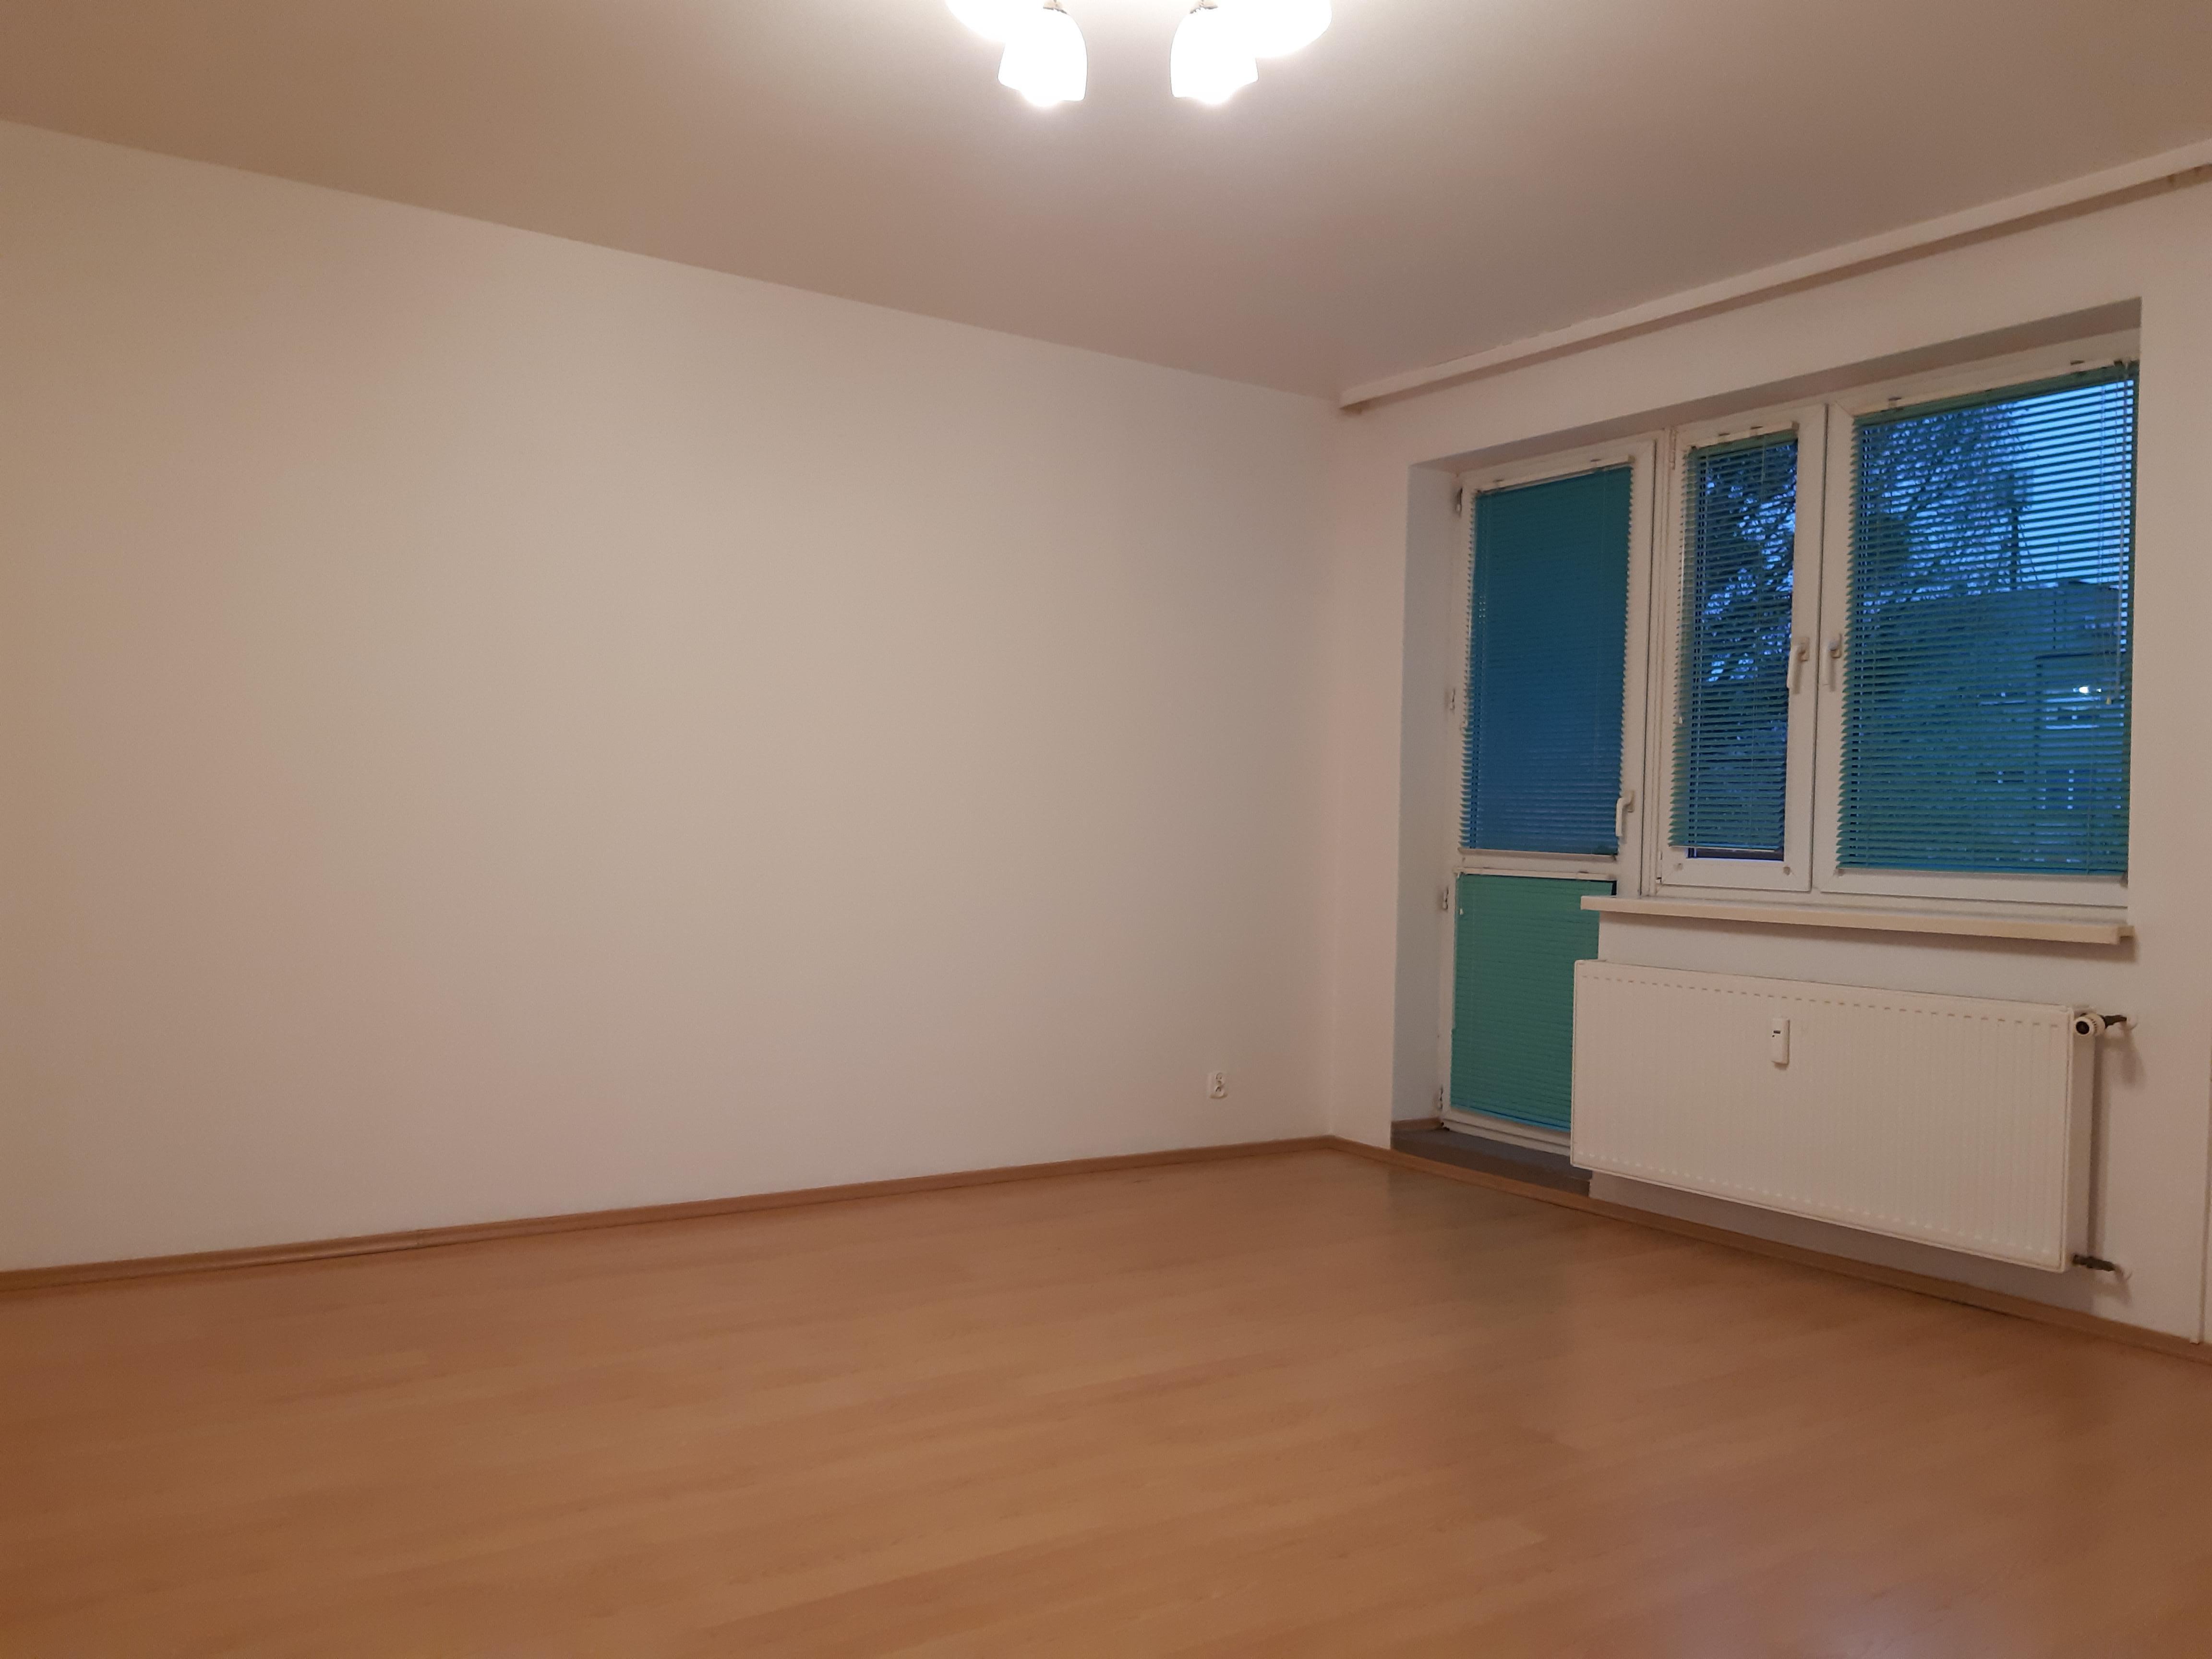 Mieszkanie 47m2 cegła Górzyskowo super cena do wynajęcia